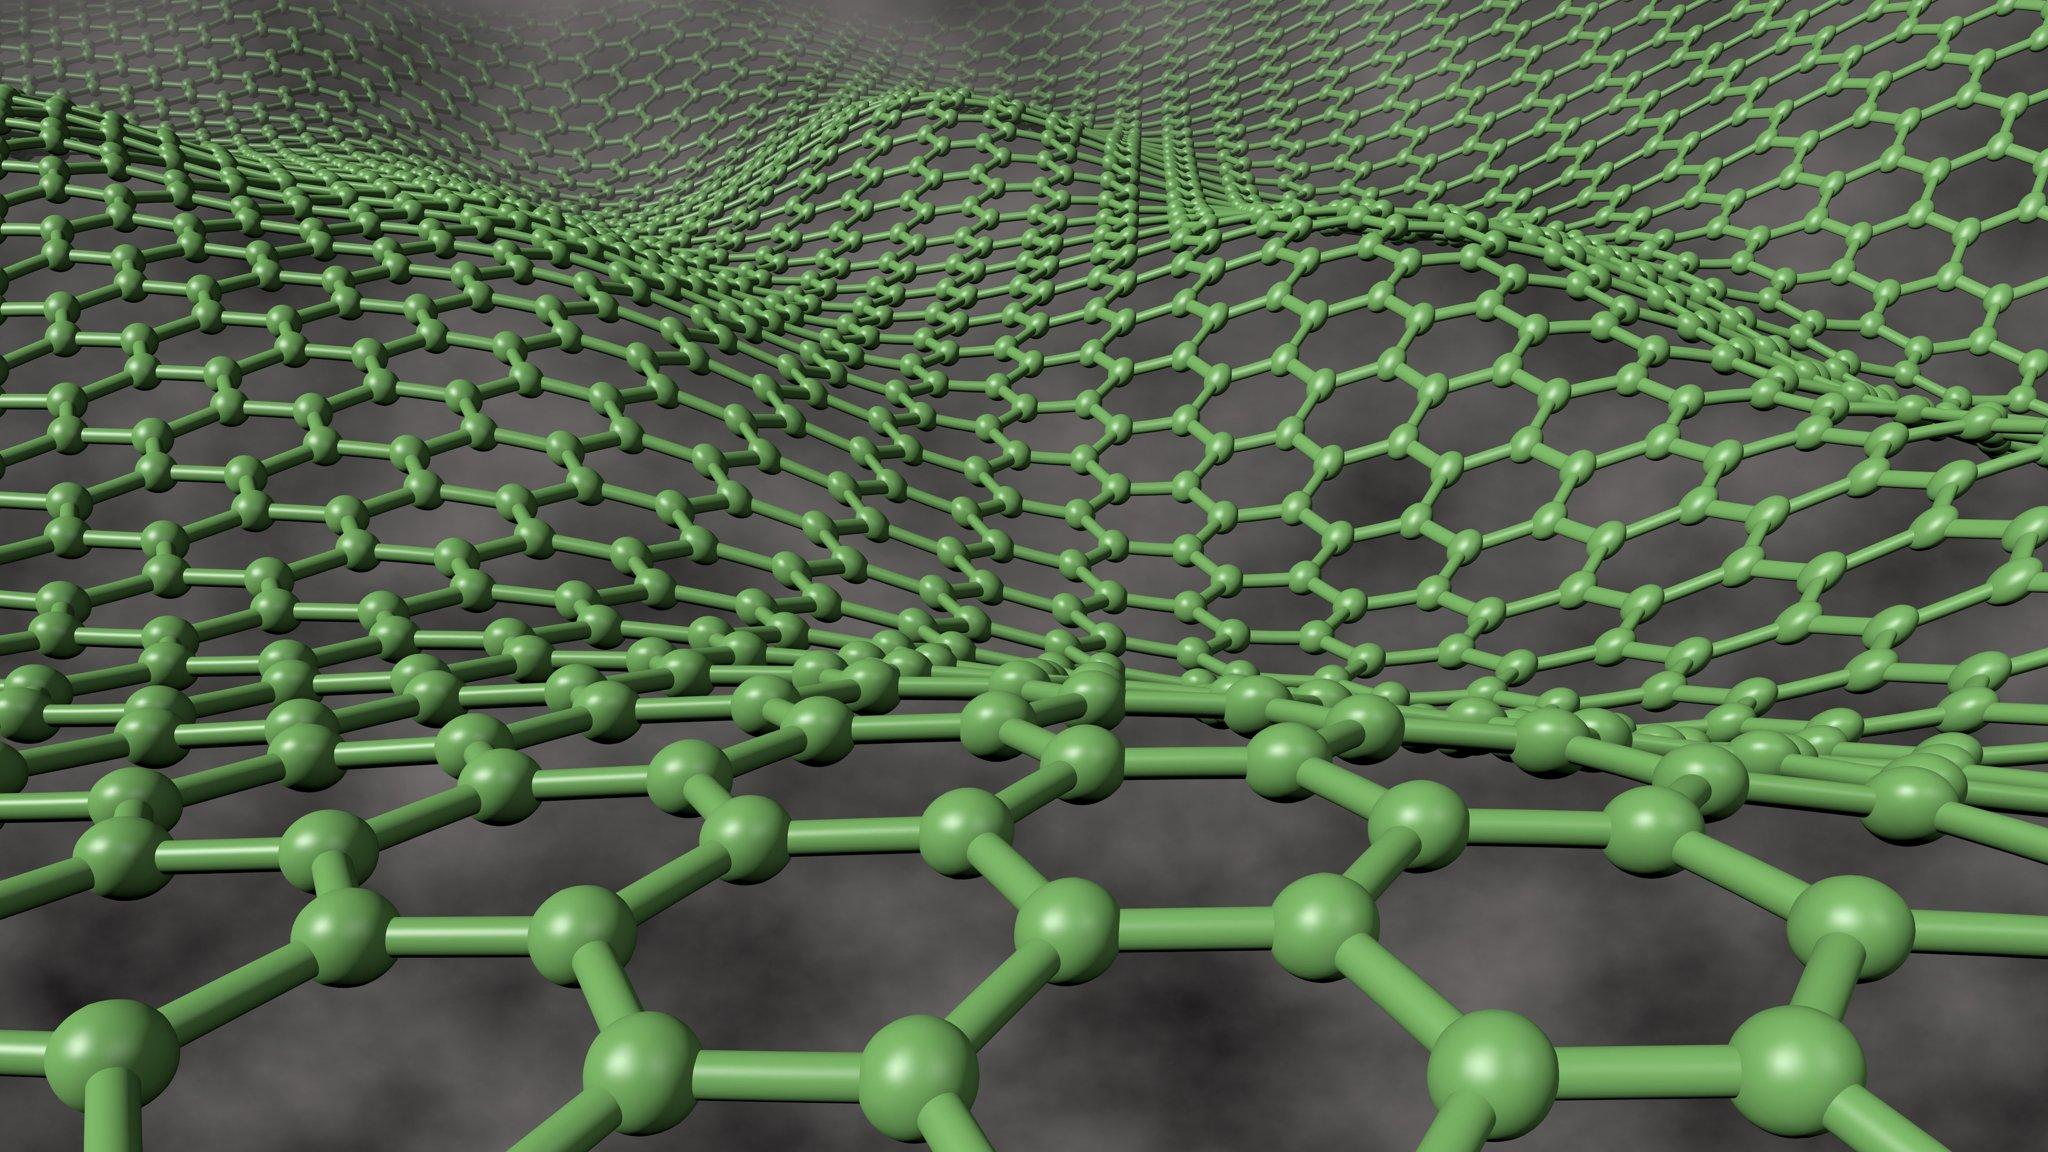 Investor exuberance dims for 'wonder material' graphene